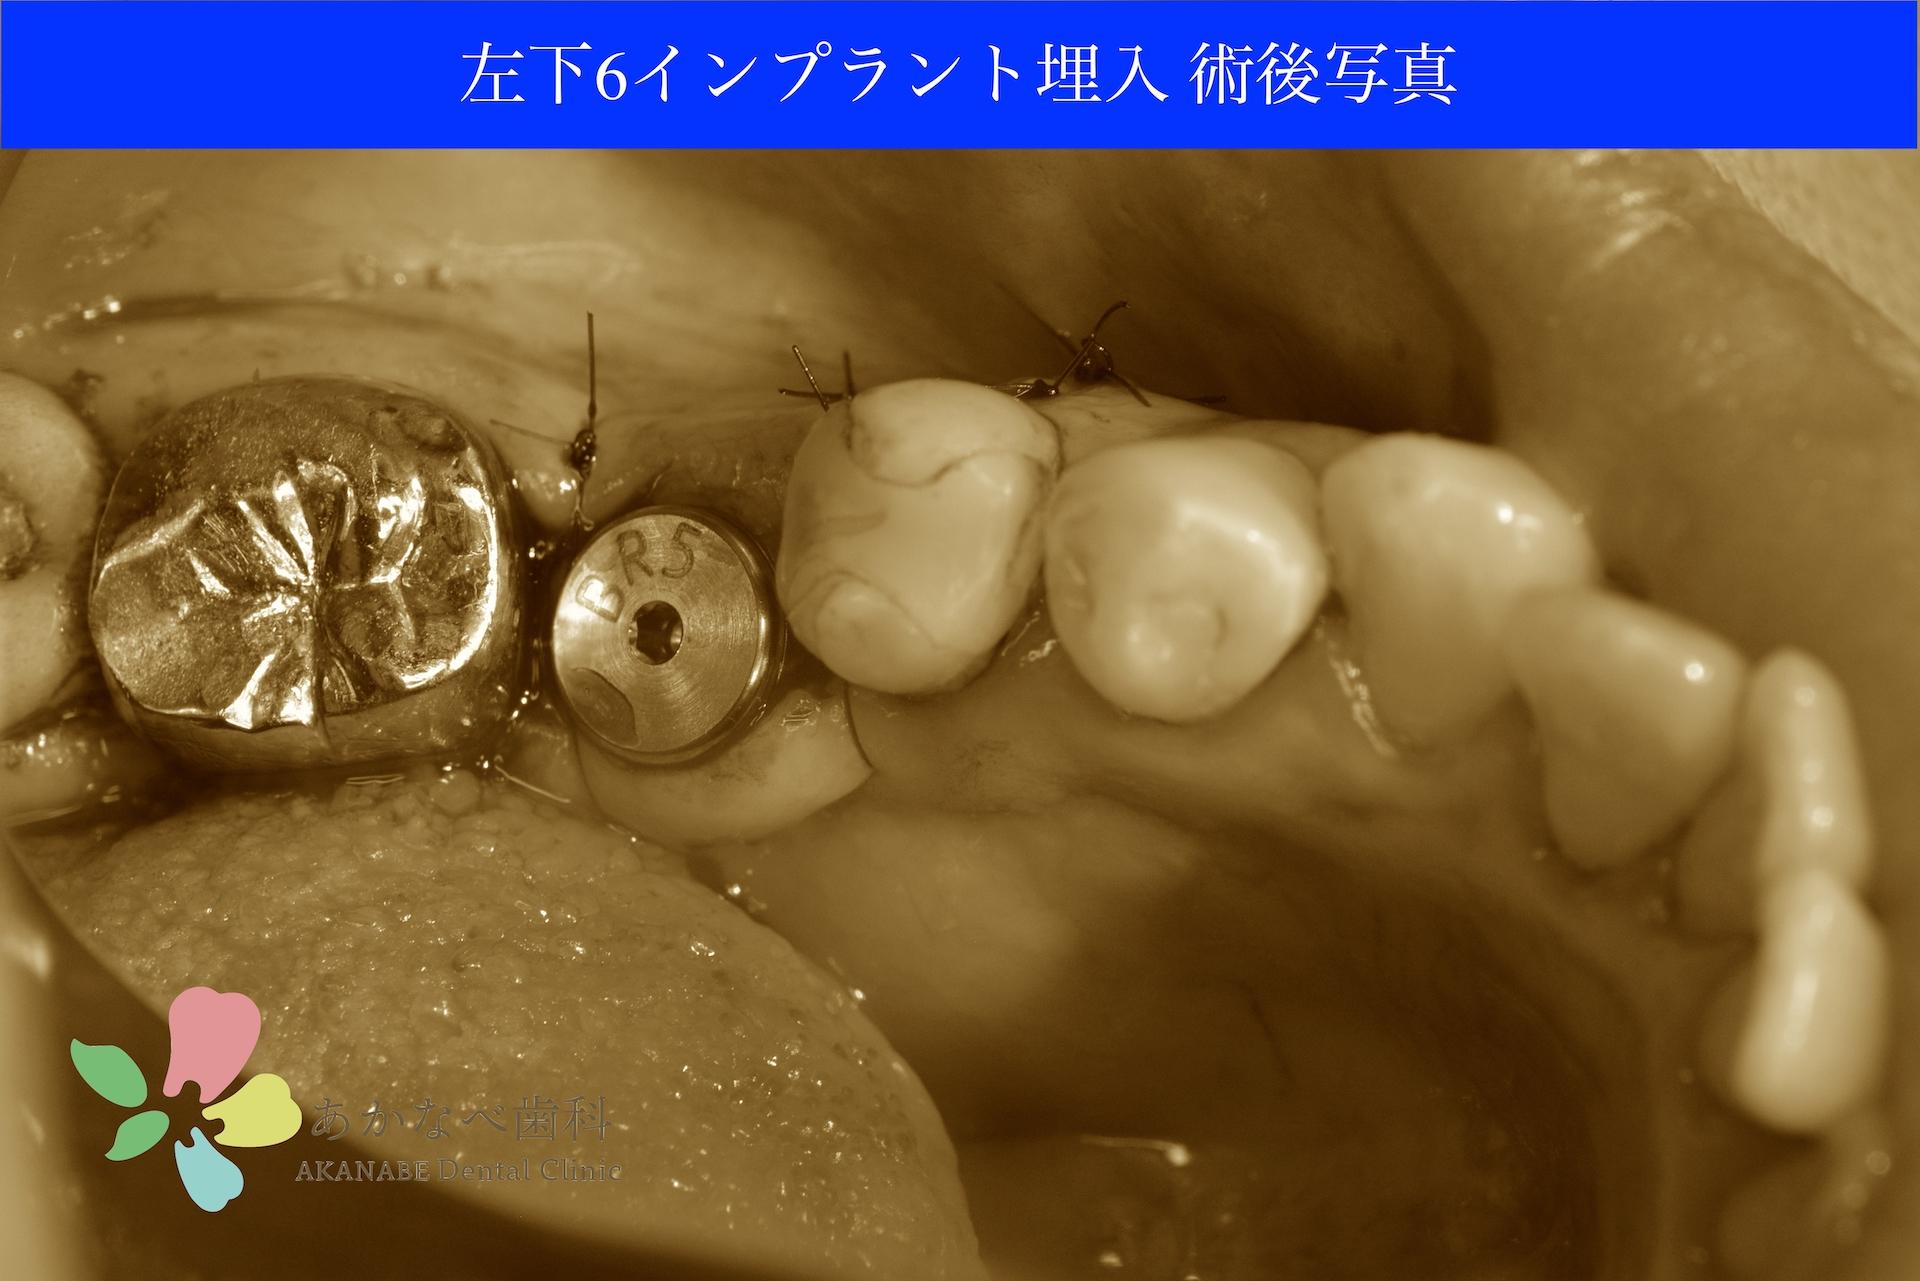 あかなべ歯科_左下6インプラント埋入_20201002_術後写真